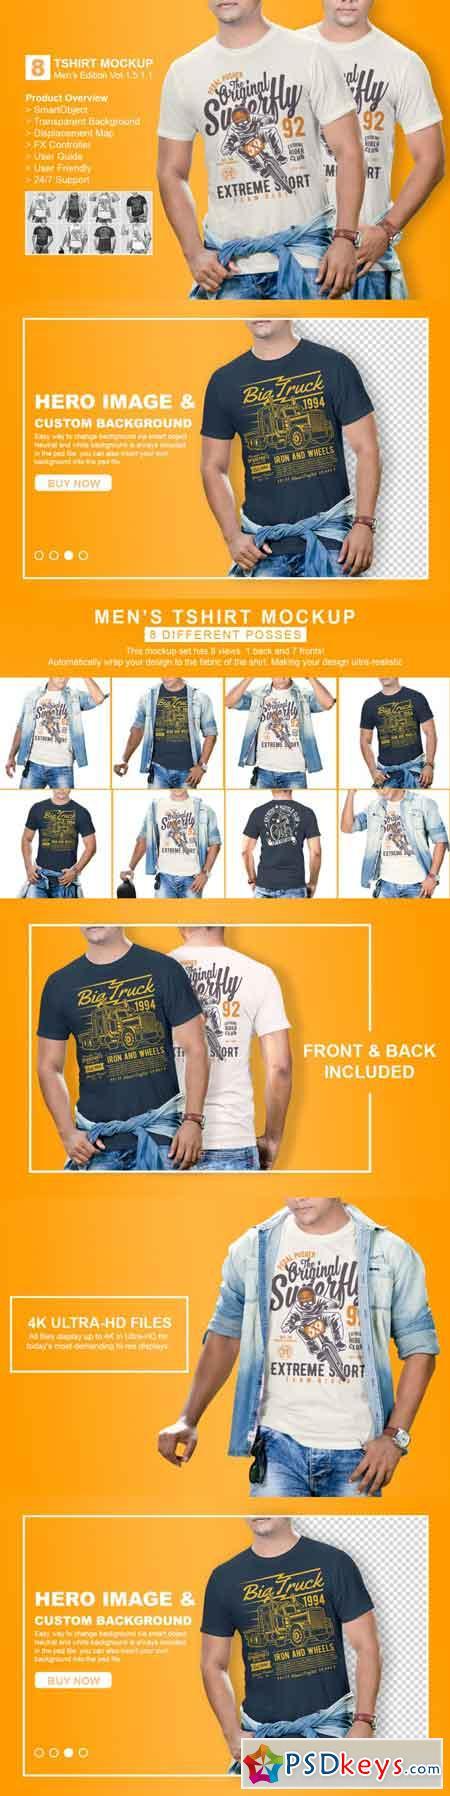 Mens Tshirt Mockup Vol 1.5.1.1 3466955